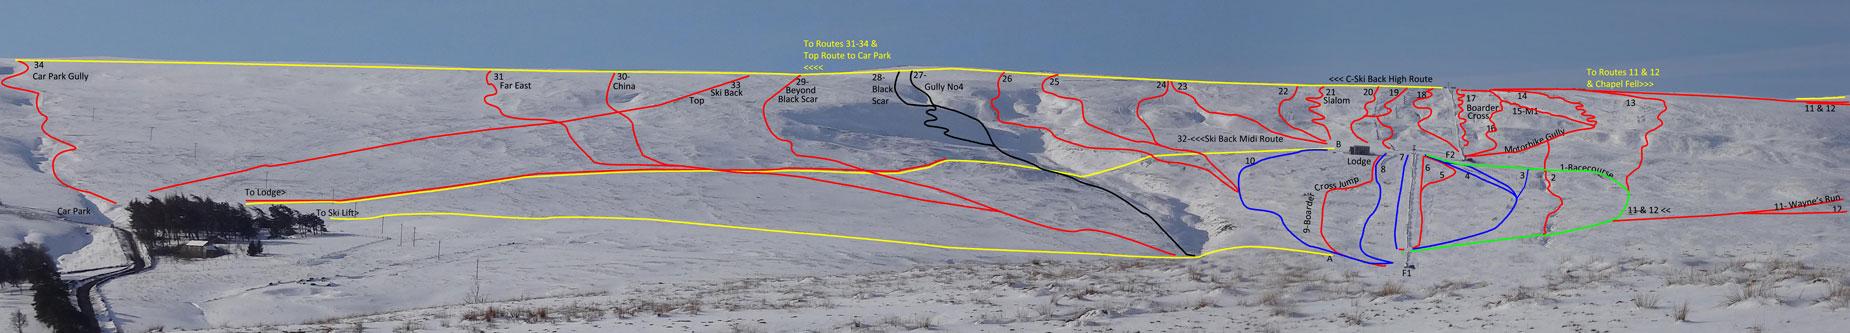 Weardale Ski Club 2010-Part 1. - YouTube